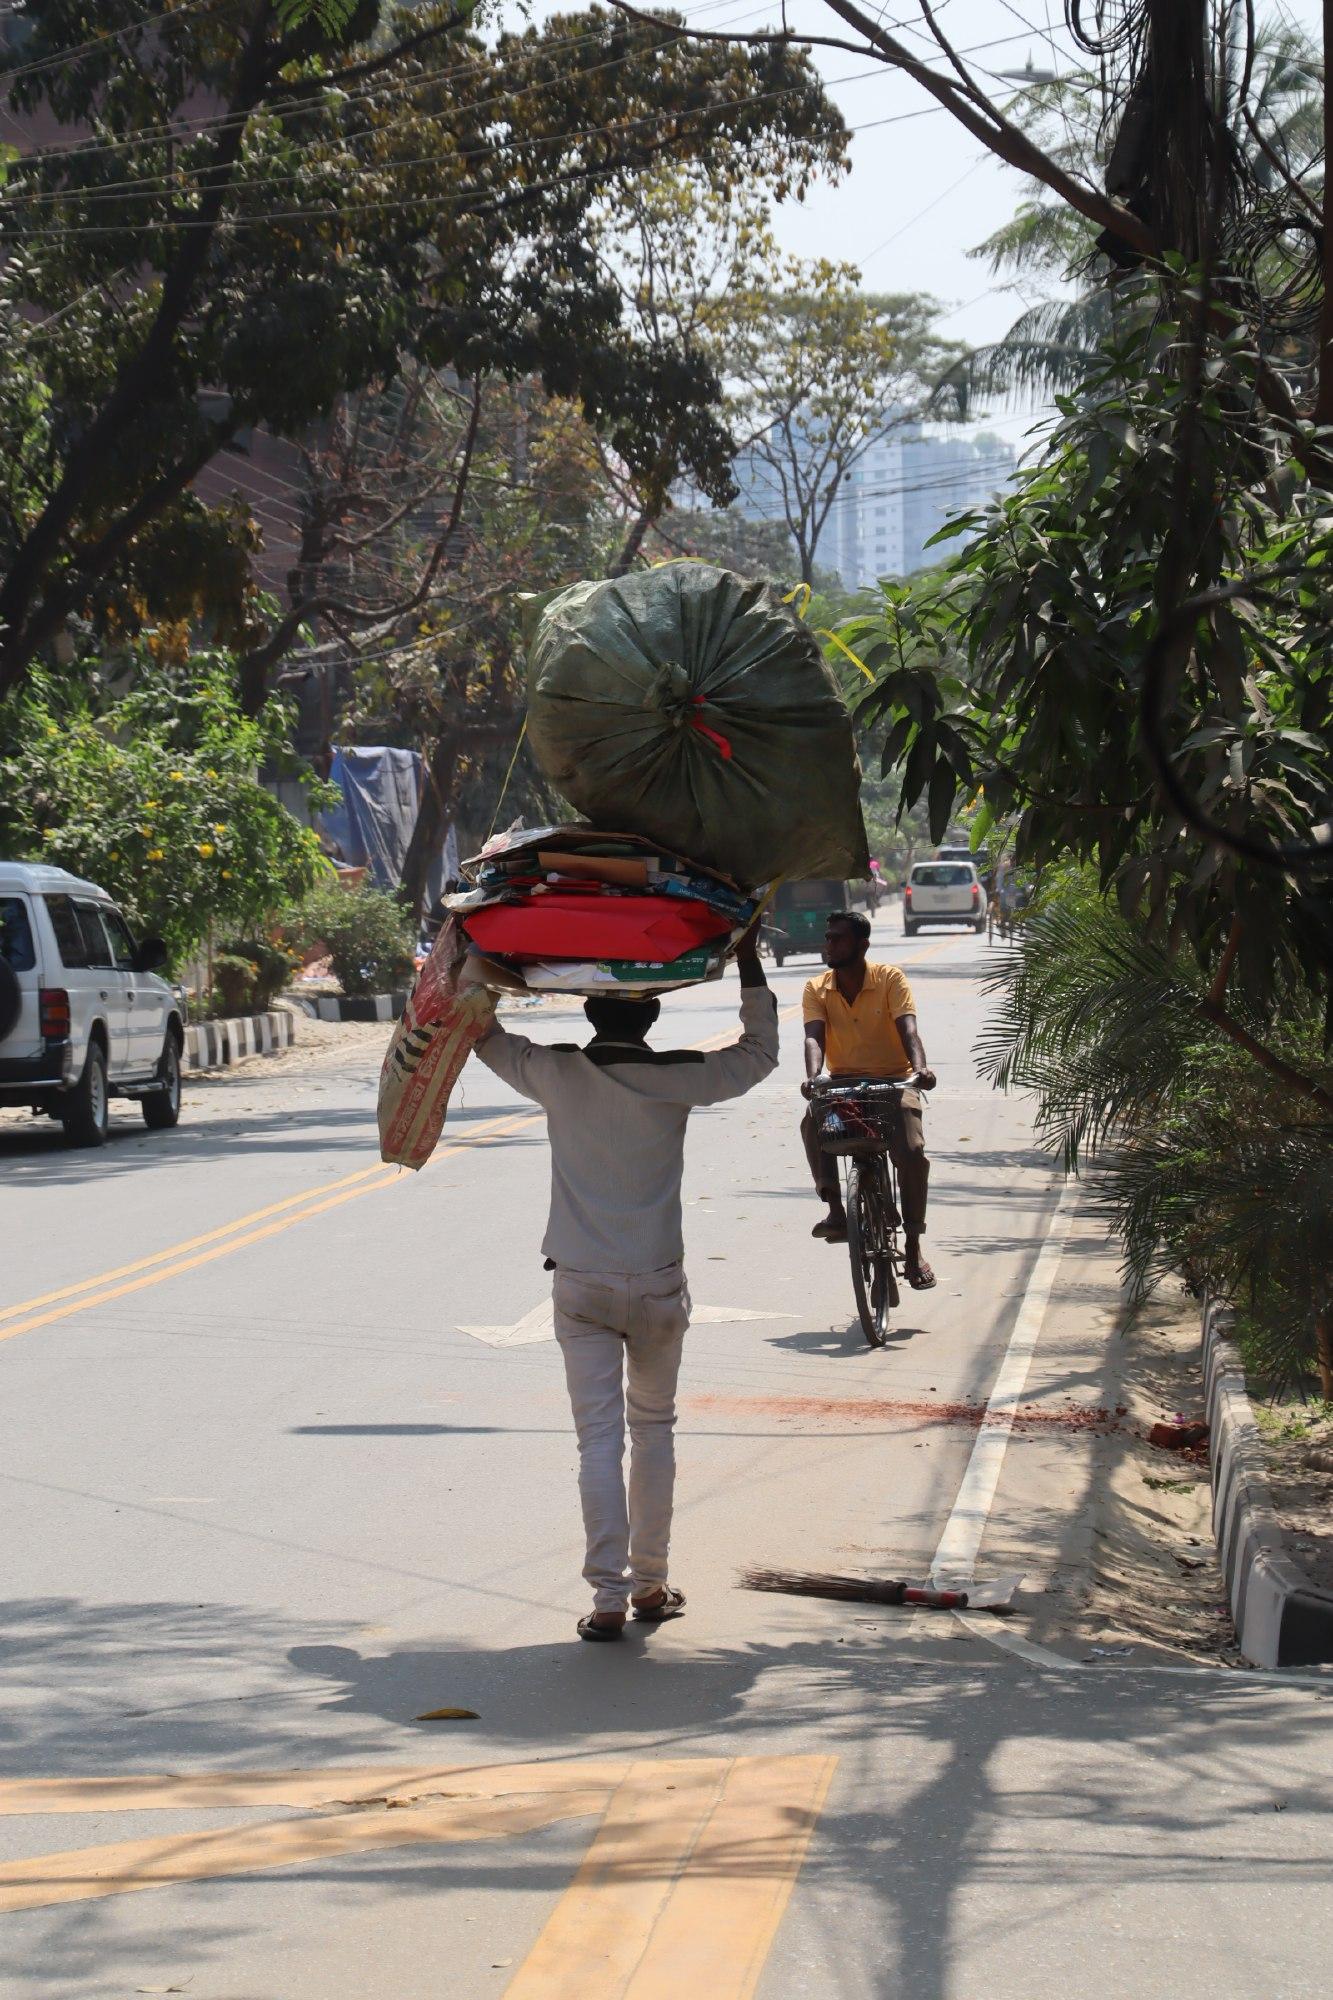 ダッカでよく見かける光景-頭に荷物をのせて歩く人たち-